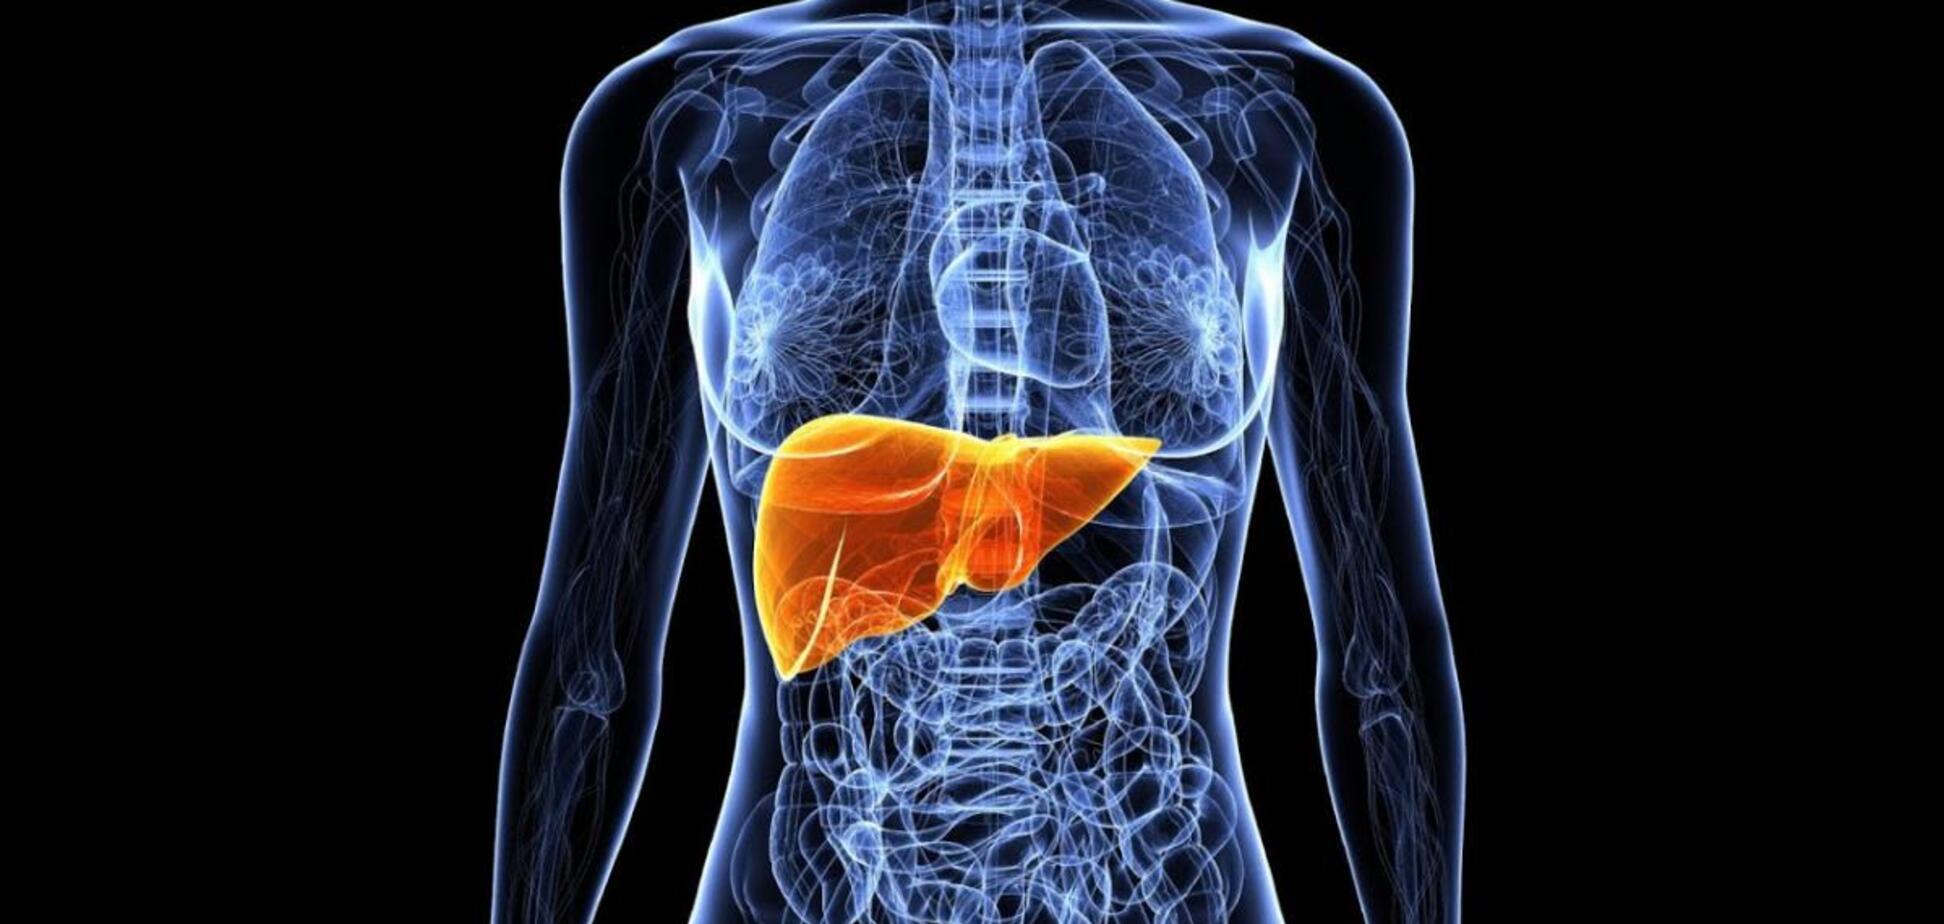 Коронавірус може спричинити важкі ураження печінки: з'явилися тривожні дані